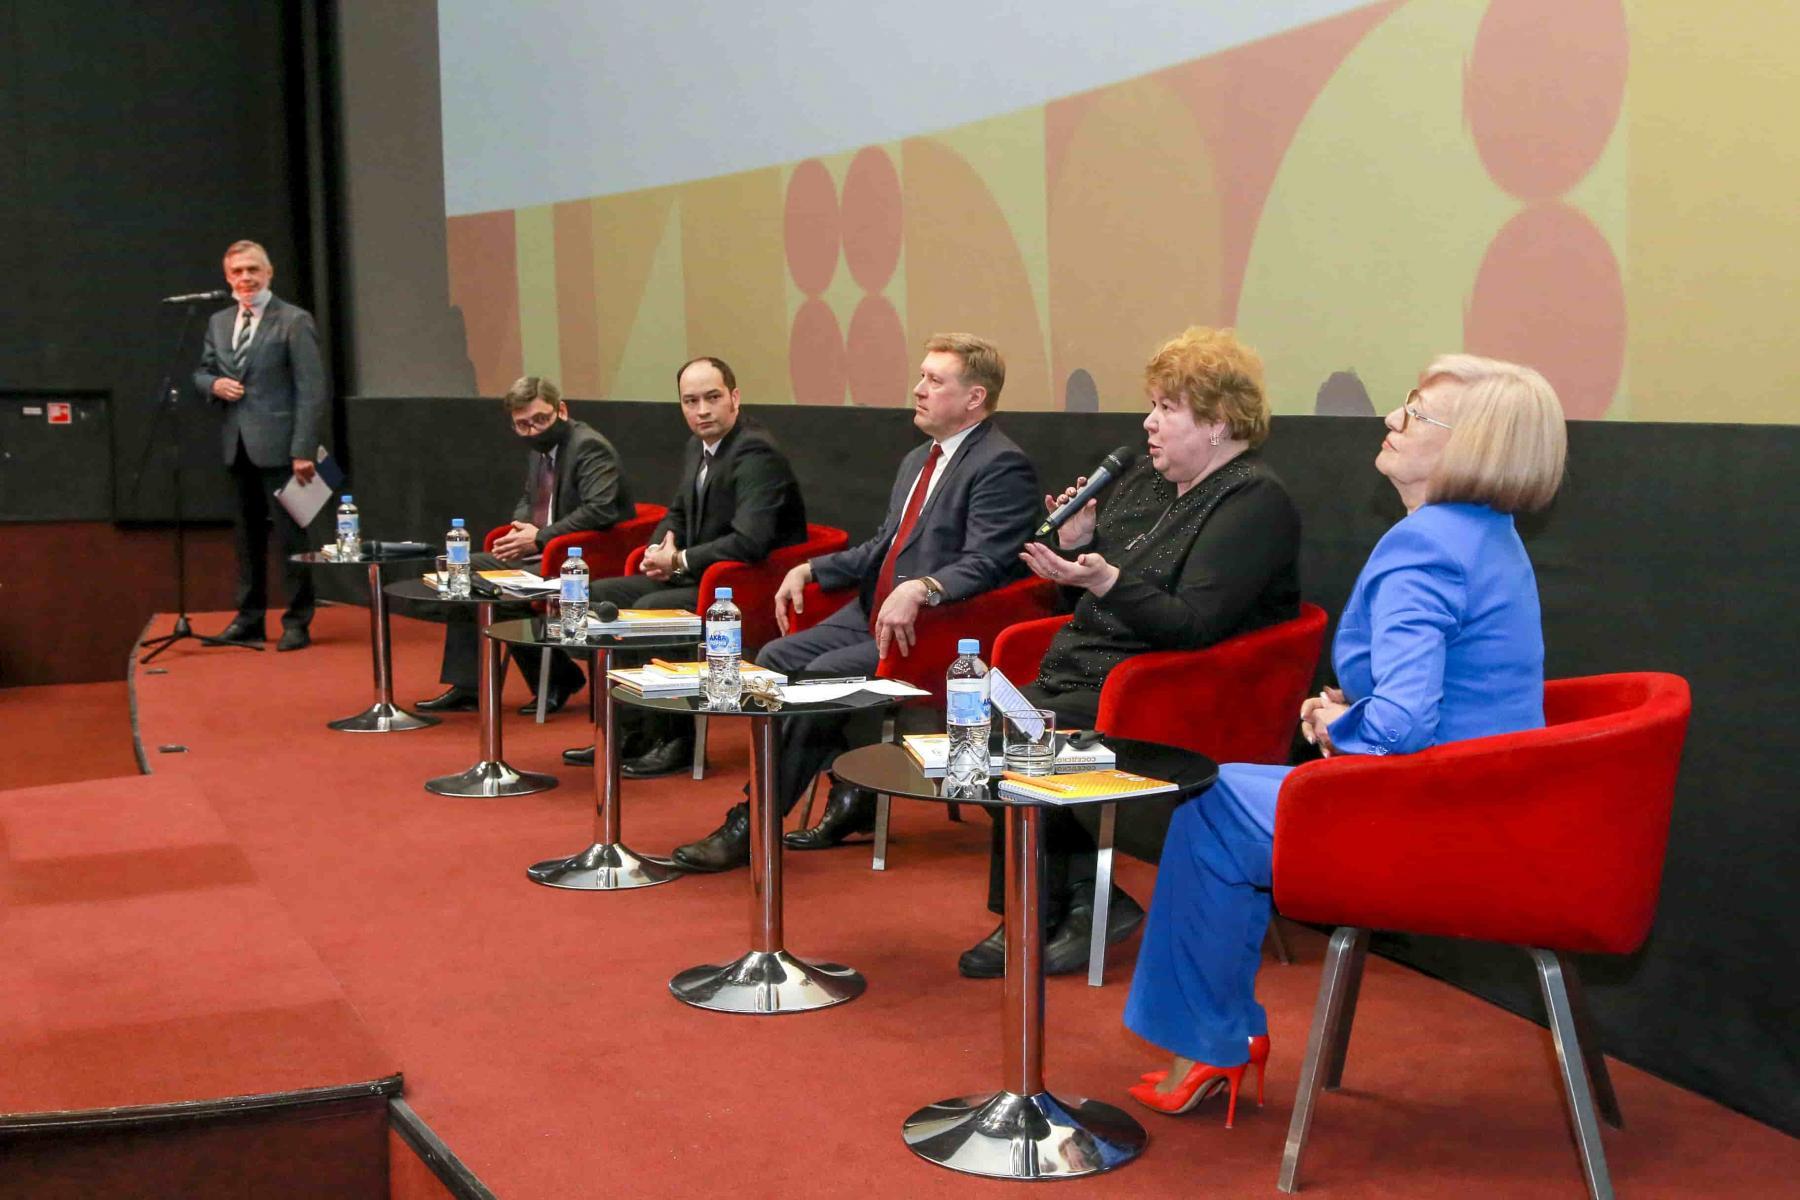 фото Фильм и книгу выпустили в честь 20-летия работы ТОС в Новосибирске 2